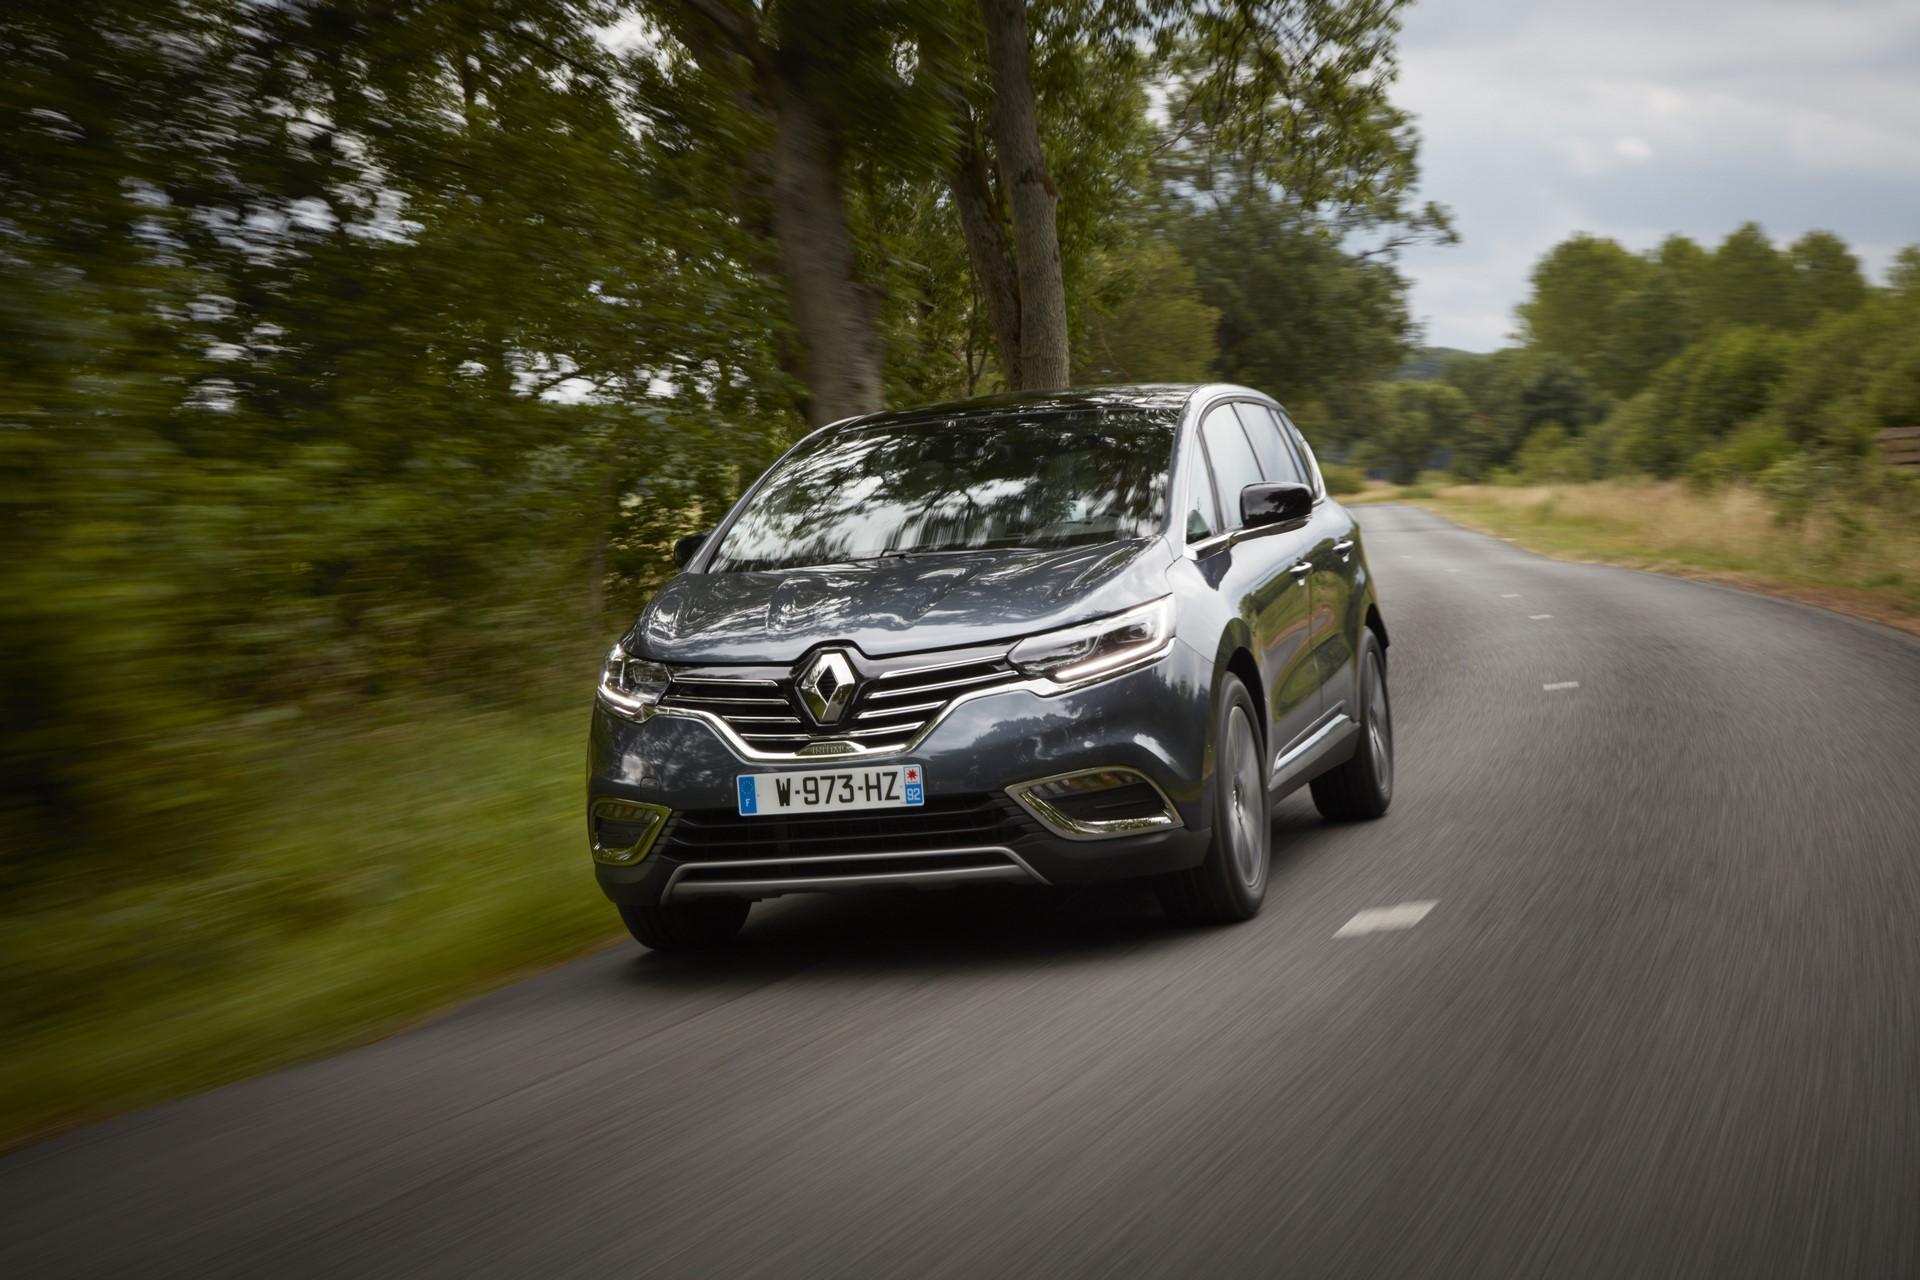 Renault_93212_global_en